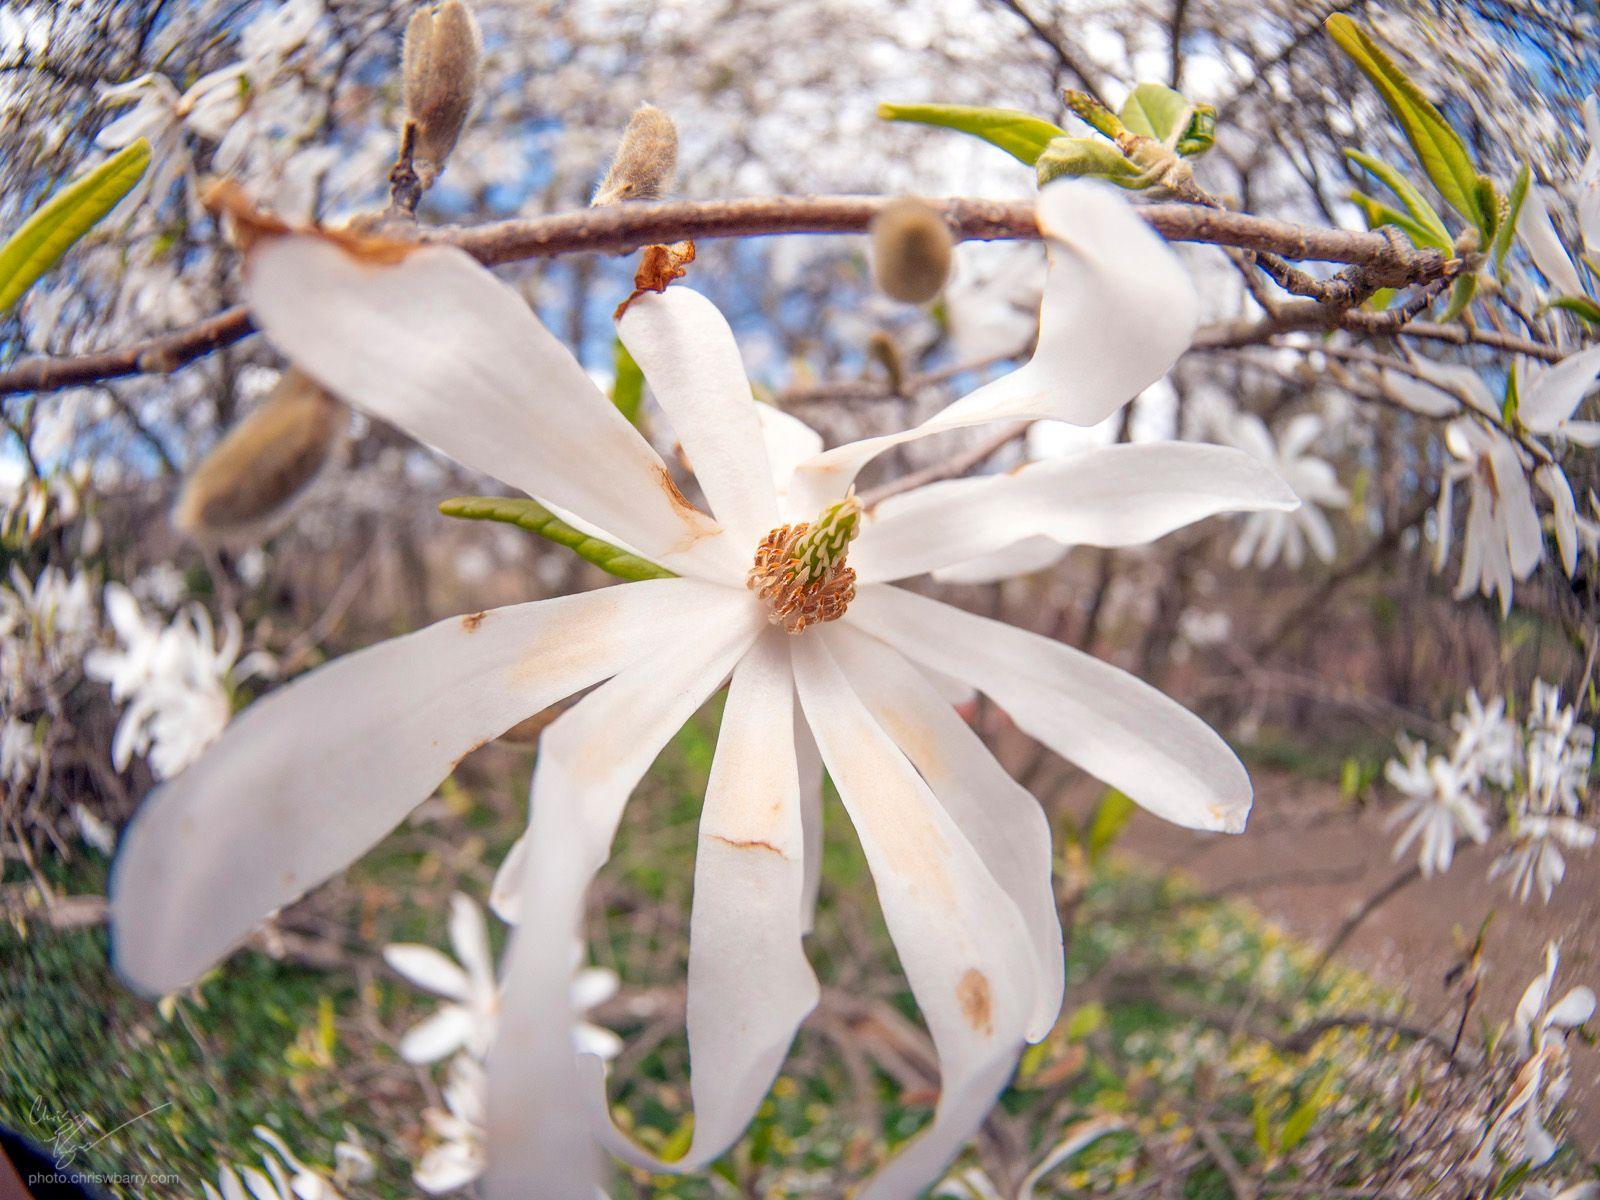 4-4-2020: Star Magnolia